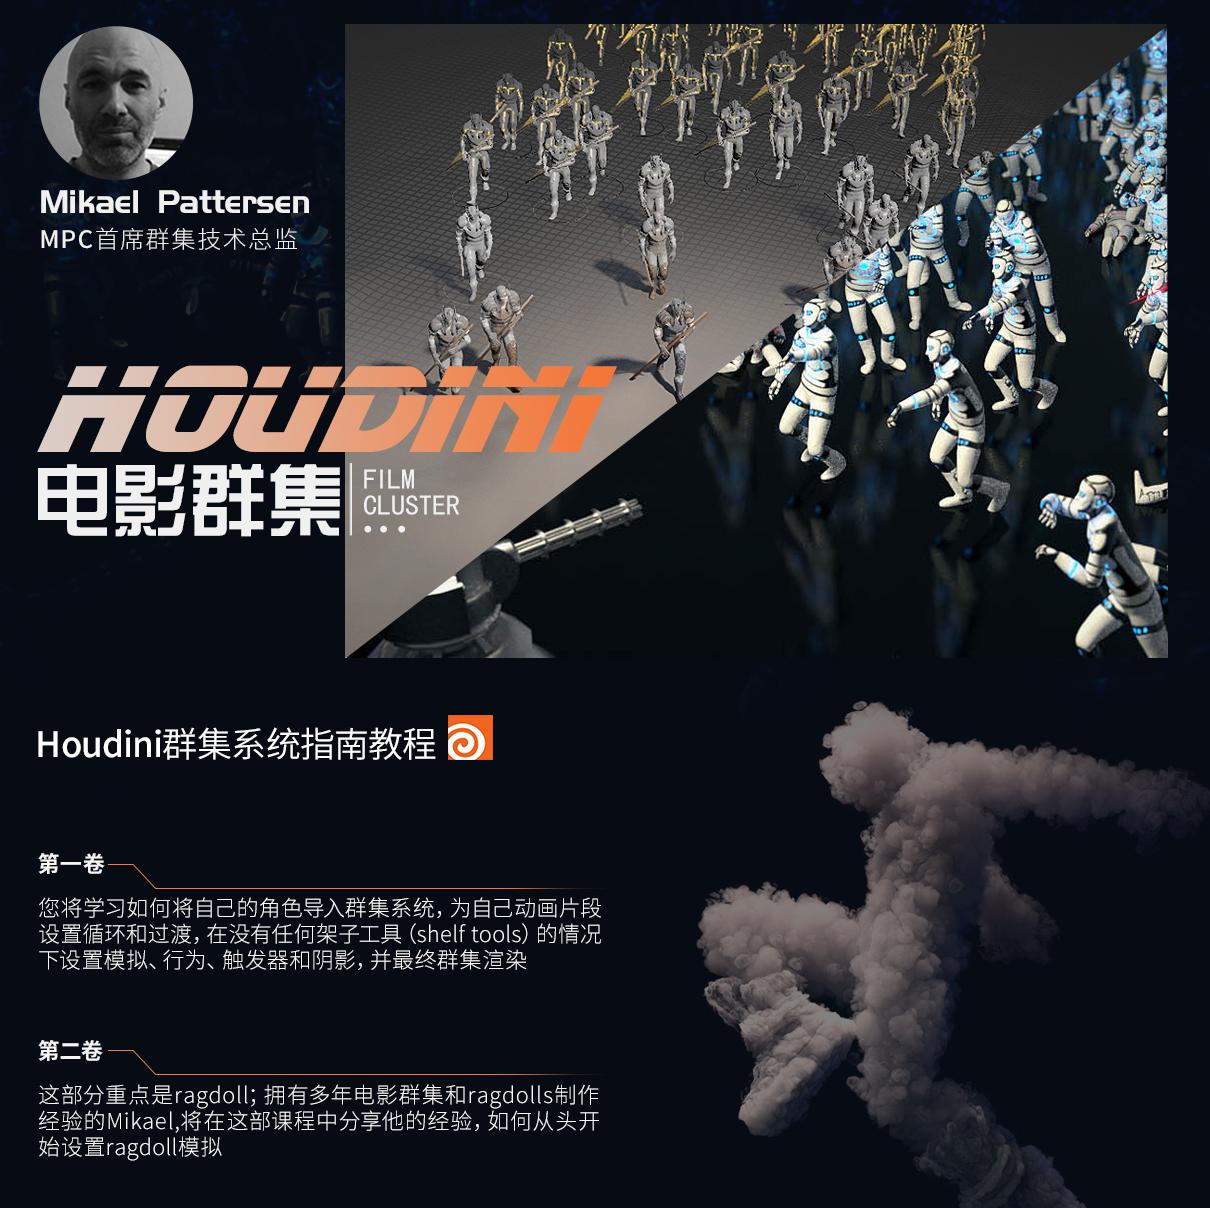 Houdini群集特效制作教程